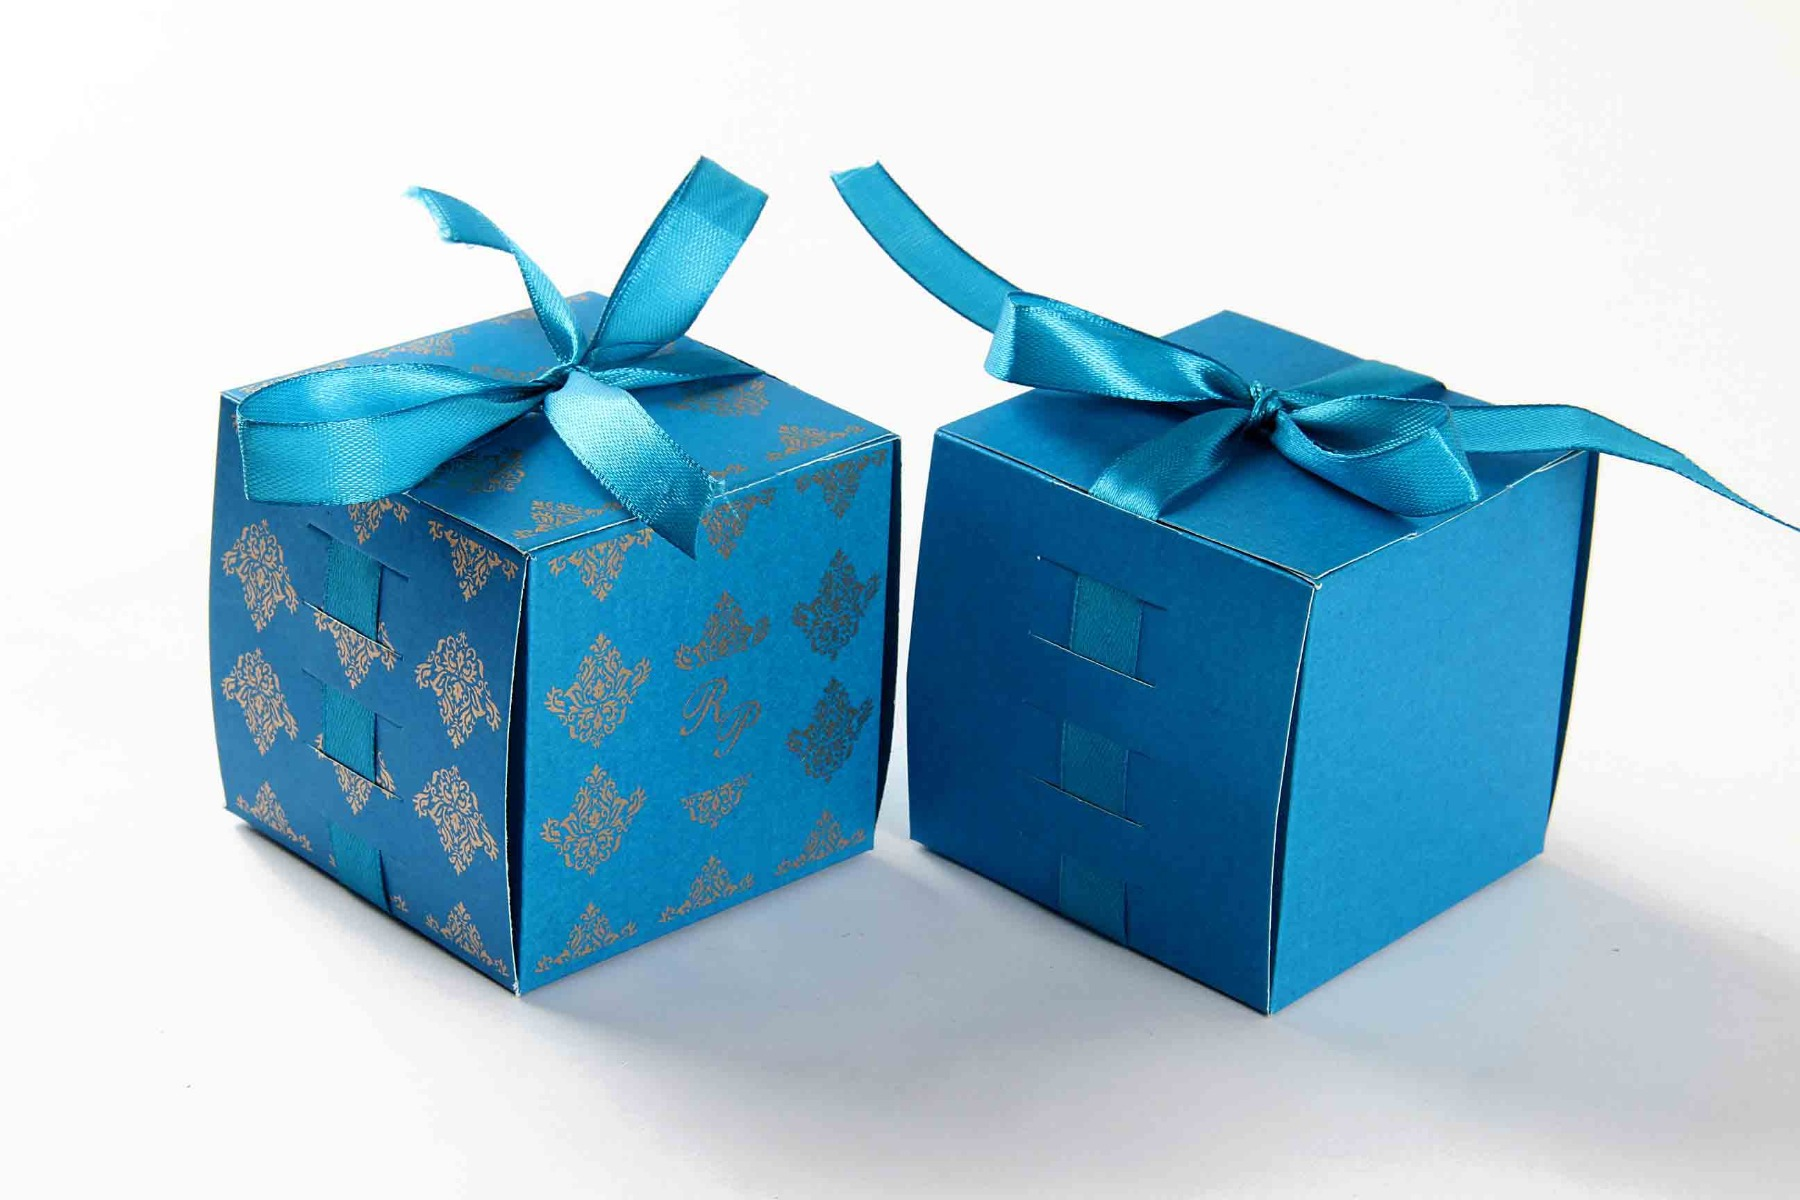 Bow Top Cube Favor Box No 5 - Firoze Blue-0